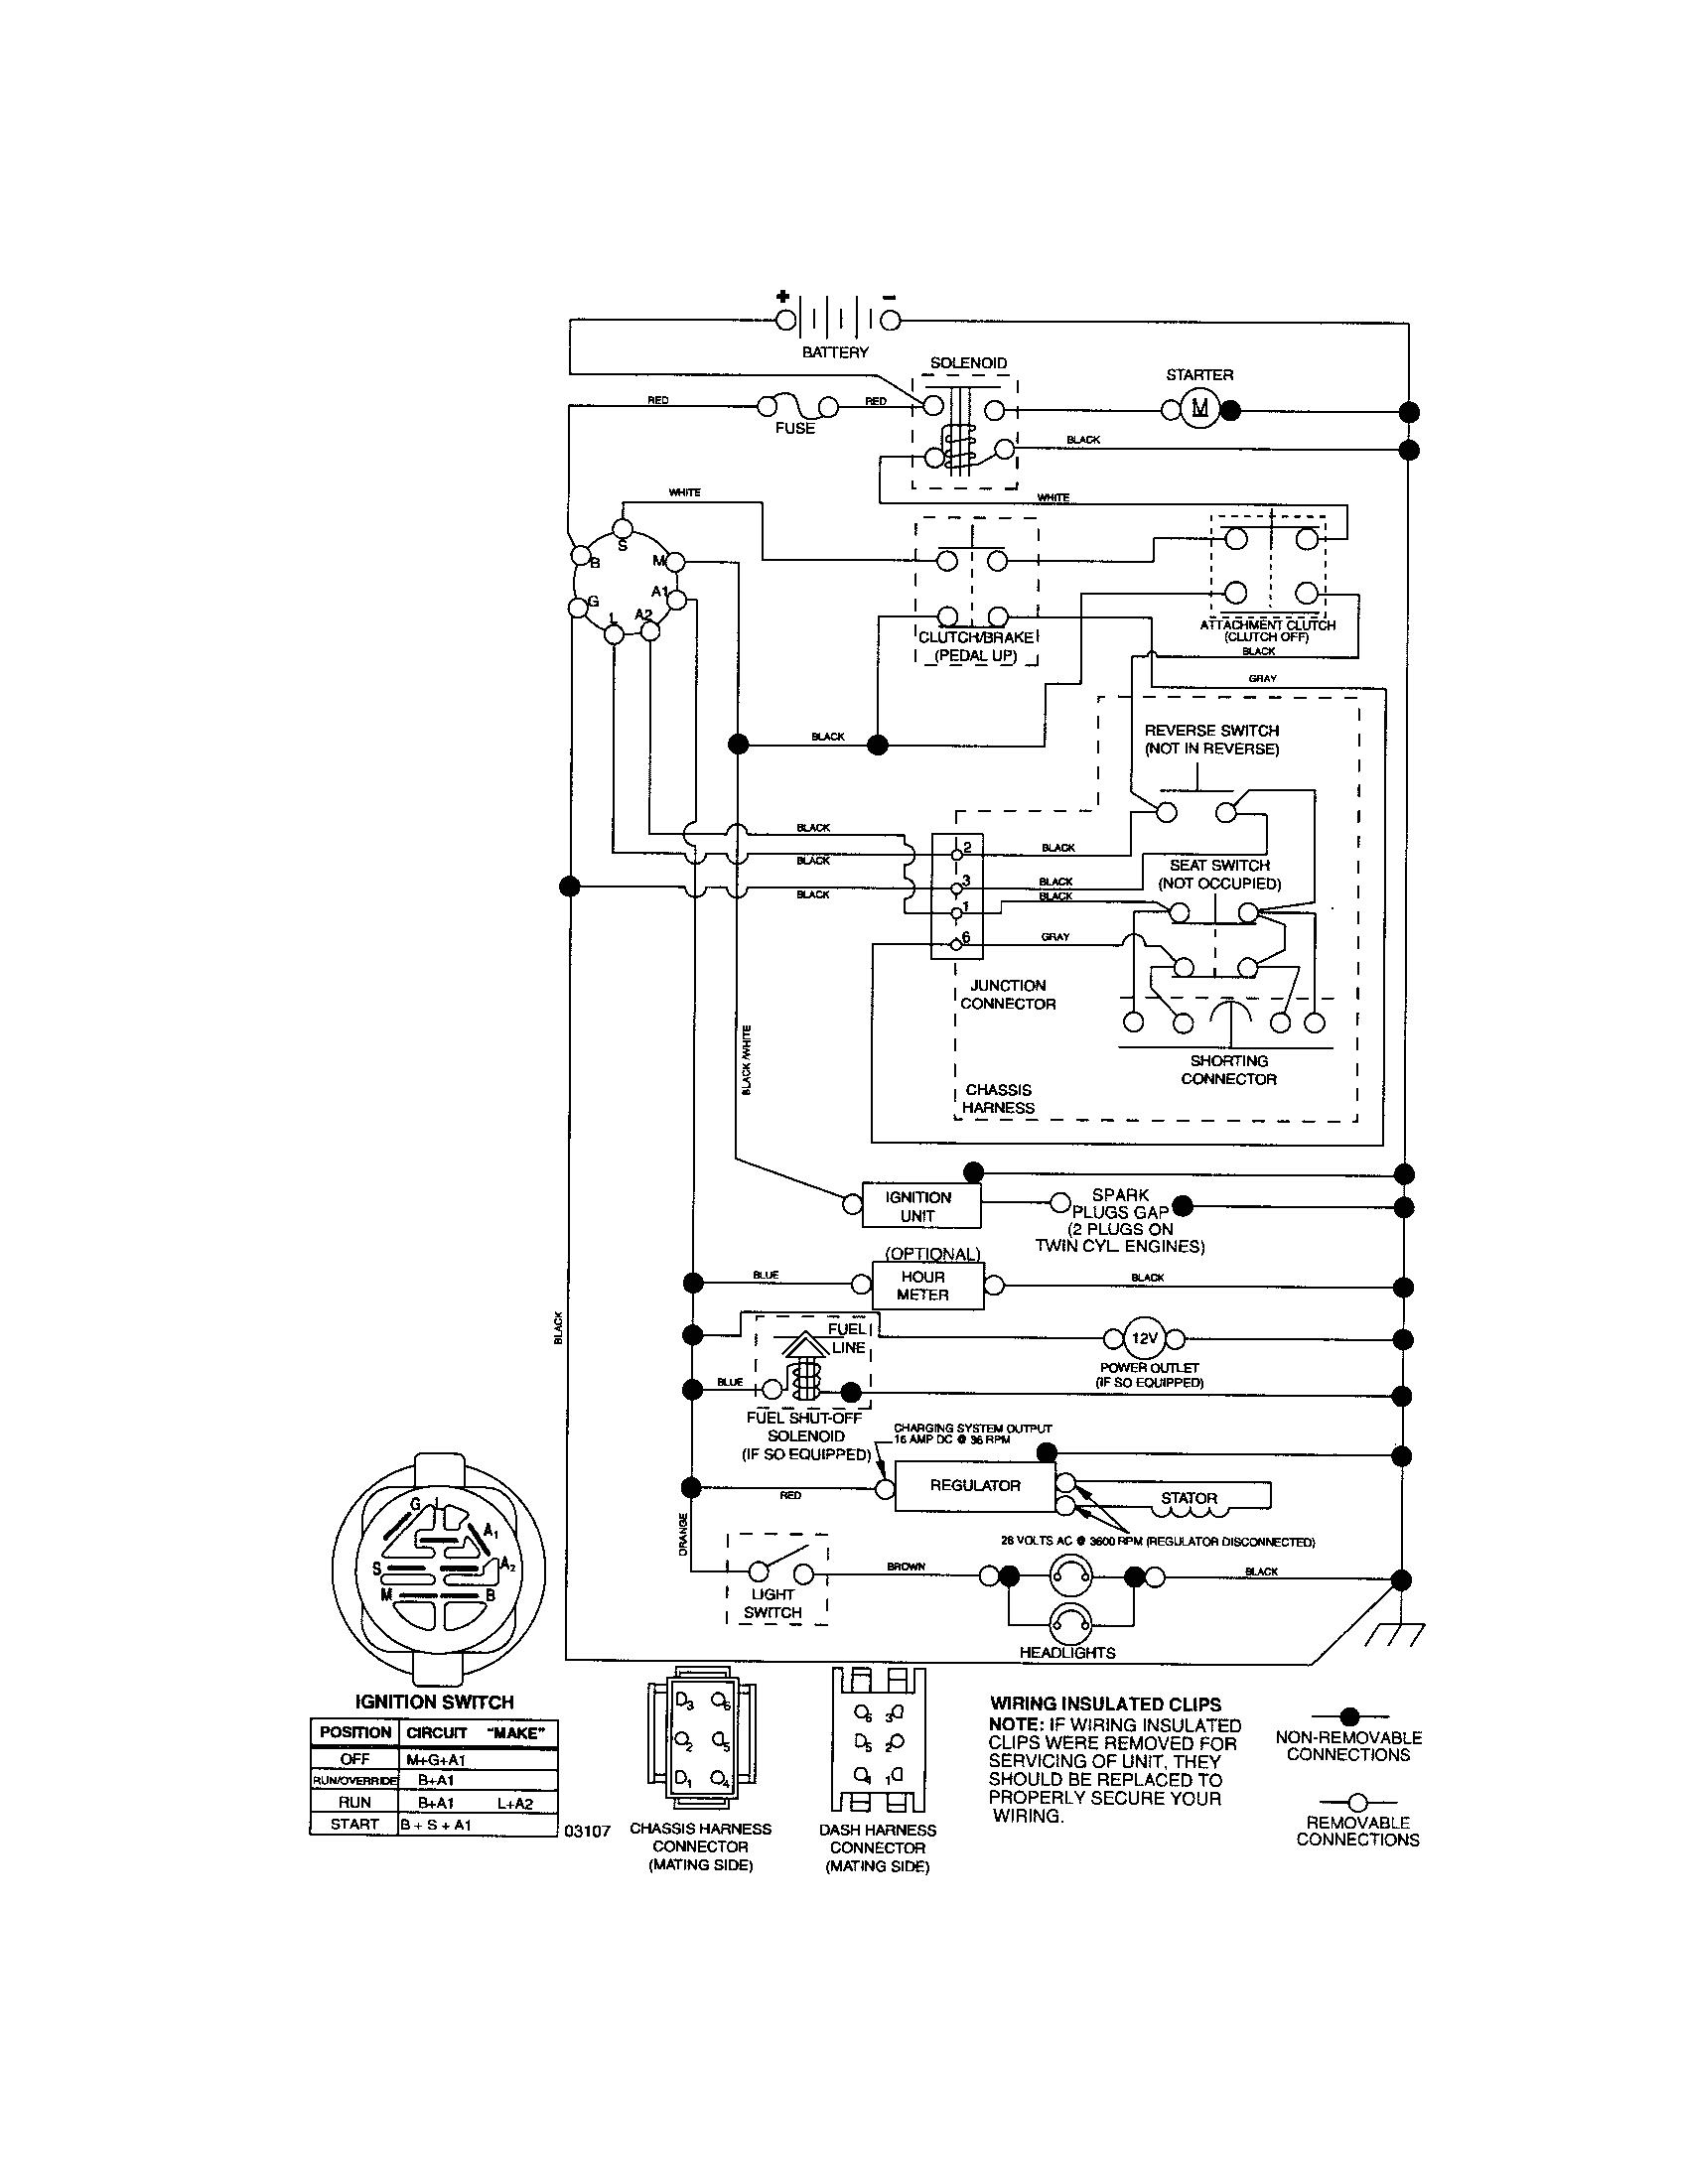 Wiring Diagram for A Craftsman Riding Mower Wiring Diagram for A Craftsman Riding Mower Awesome Craftsman Garage